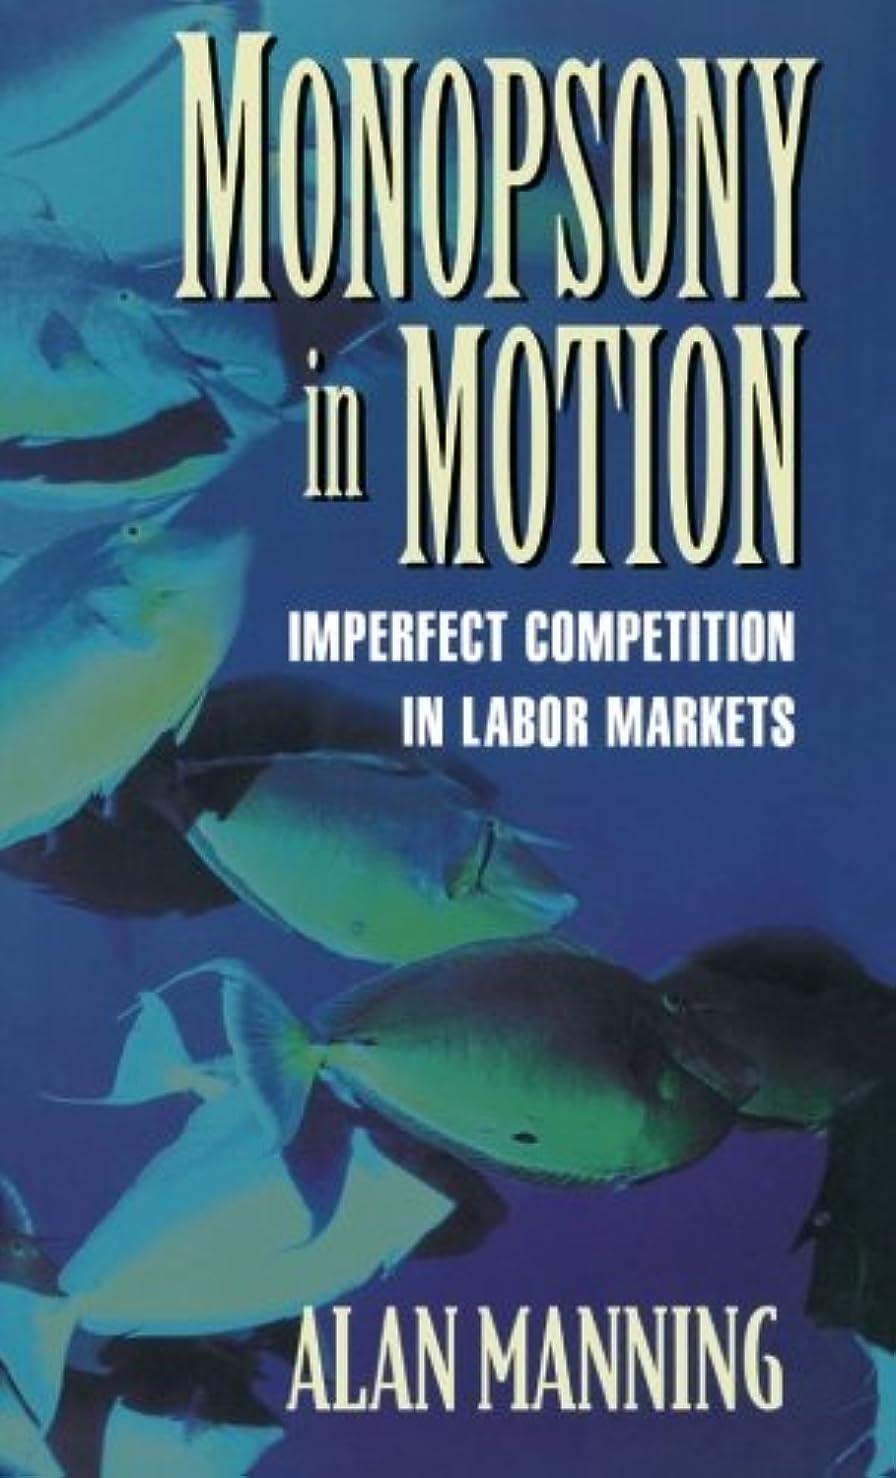 盲信観点投資するMonopsony In Motion: Imperfect Competition In Labor Markets